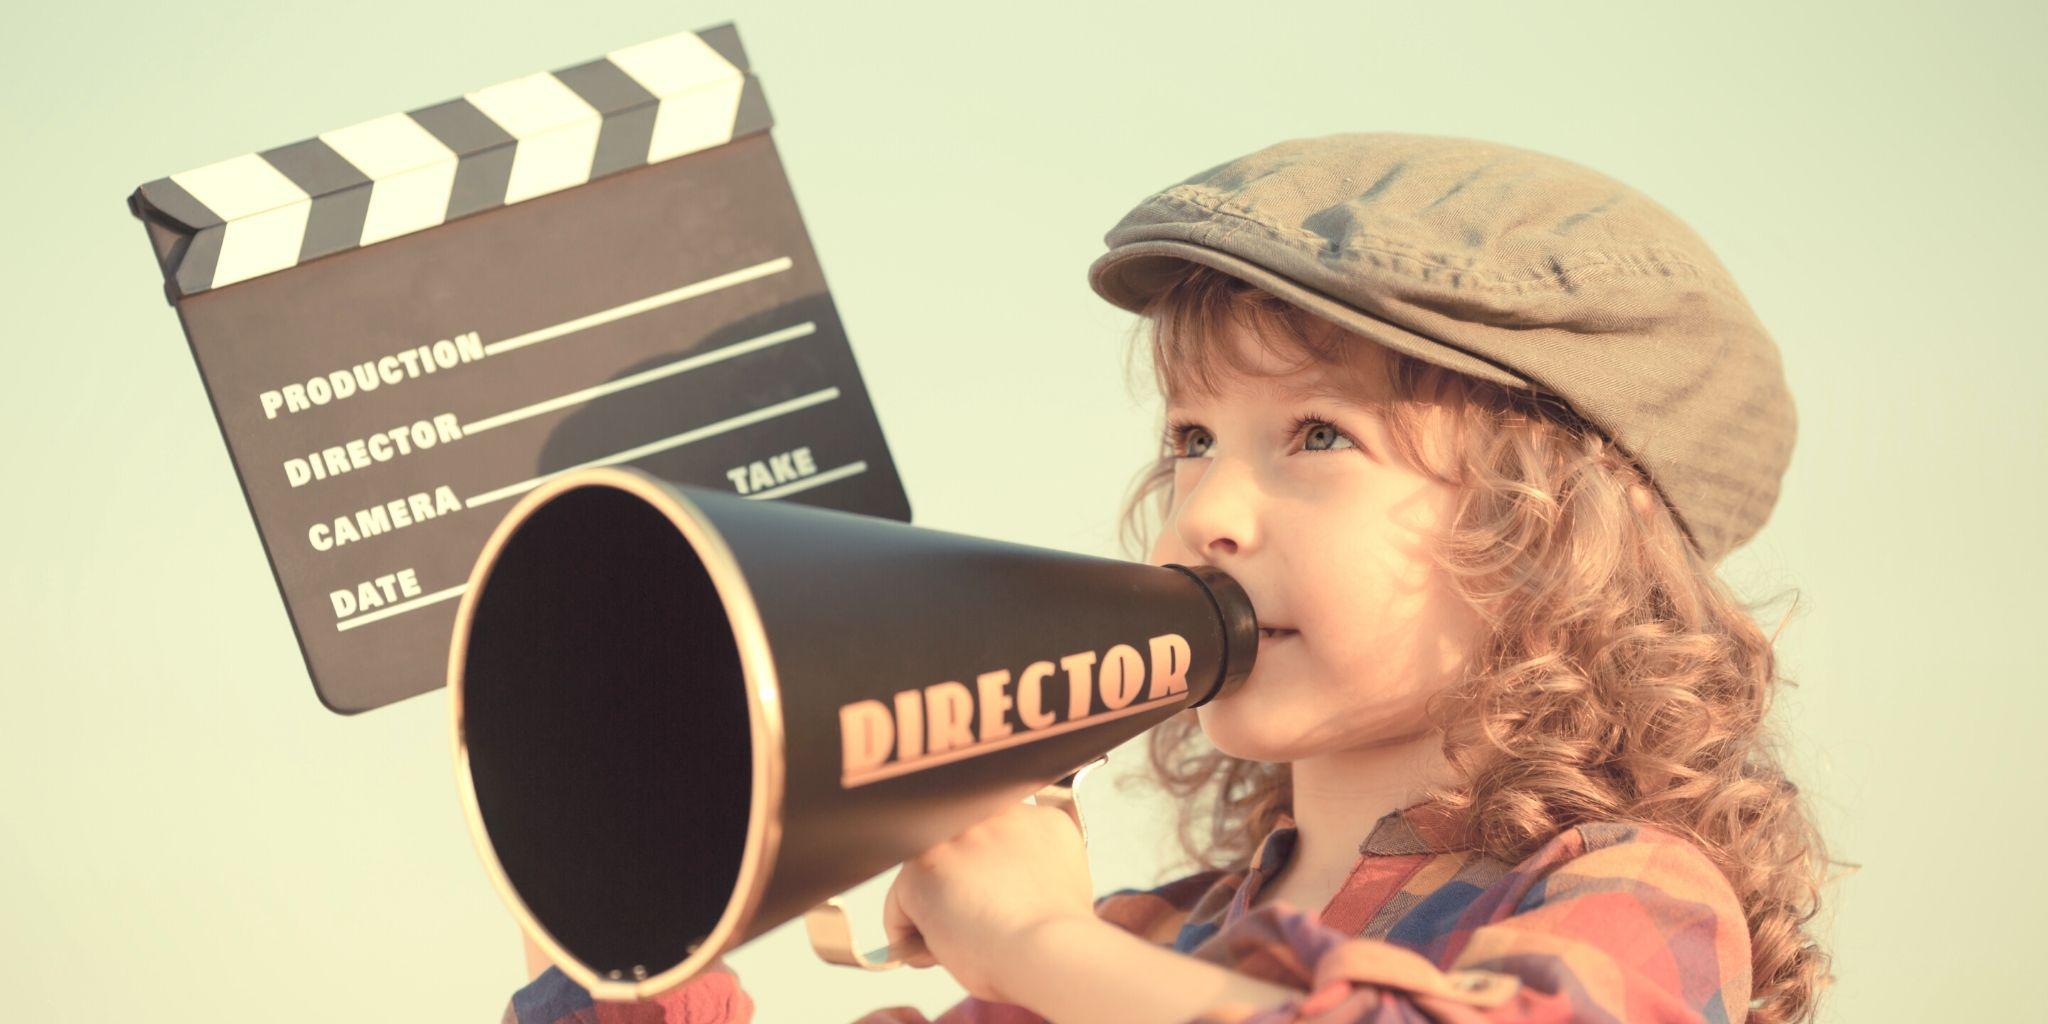 ¿Qué hace que las películas sean buenas o malas para el desarrollo?